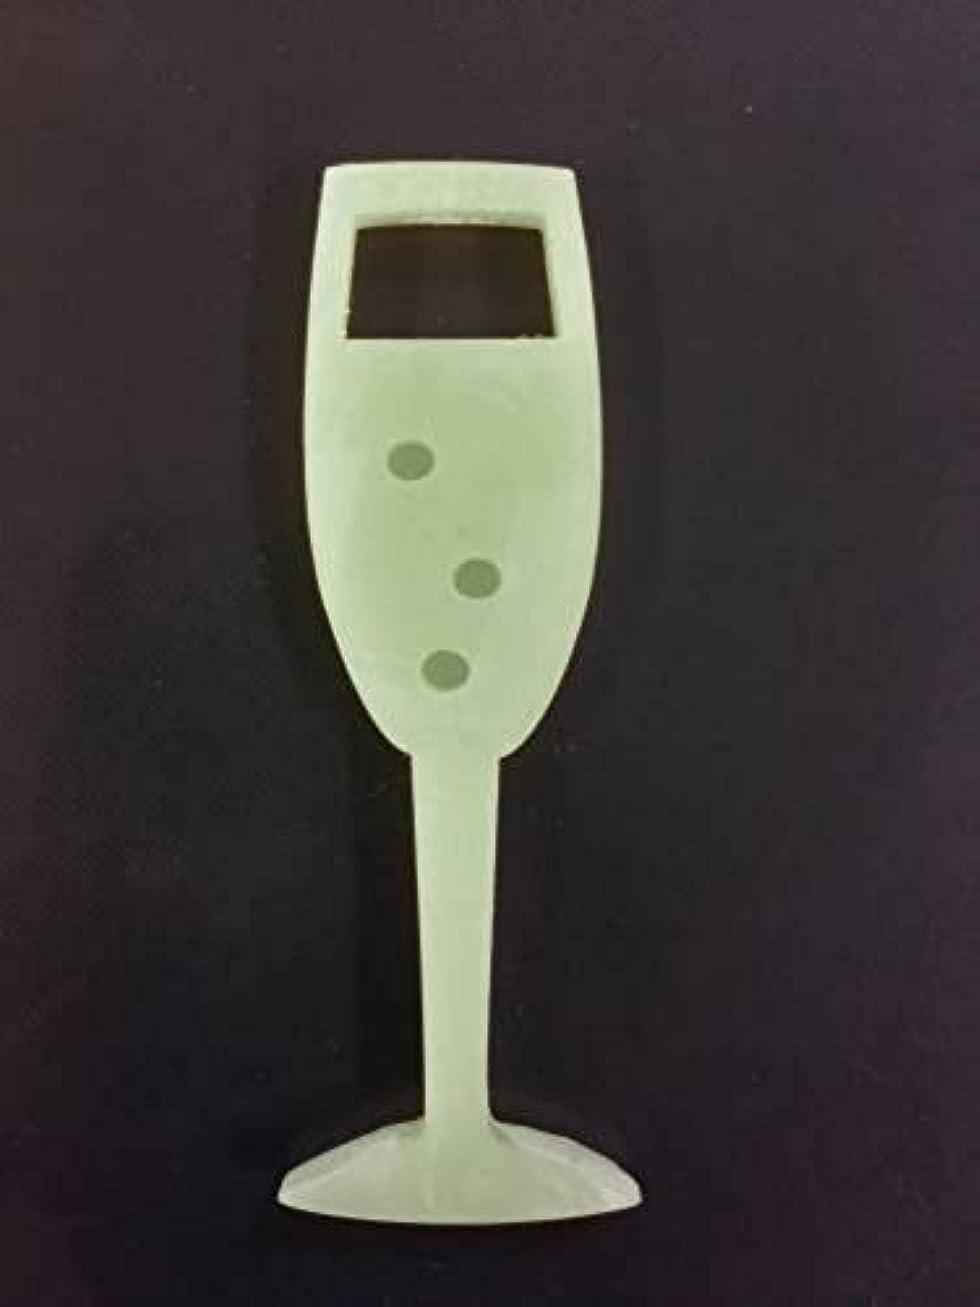 栄光一定意図するGRASSE TOKYO AROMATICWAXチャーム「シャンパングラス」(GR) レモングラス アロマティックワックス グラーストウキョウ